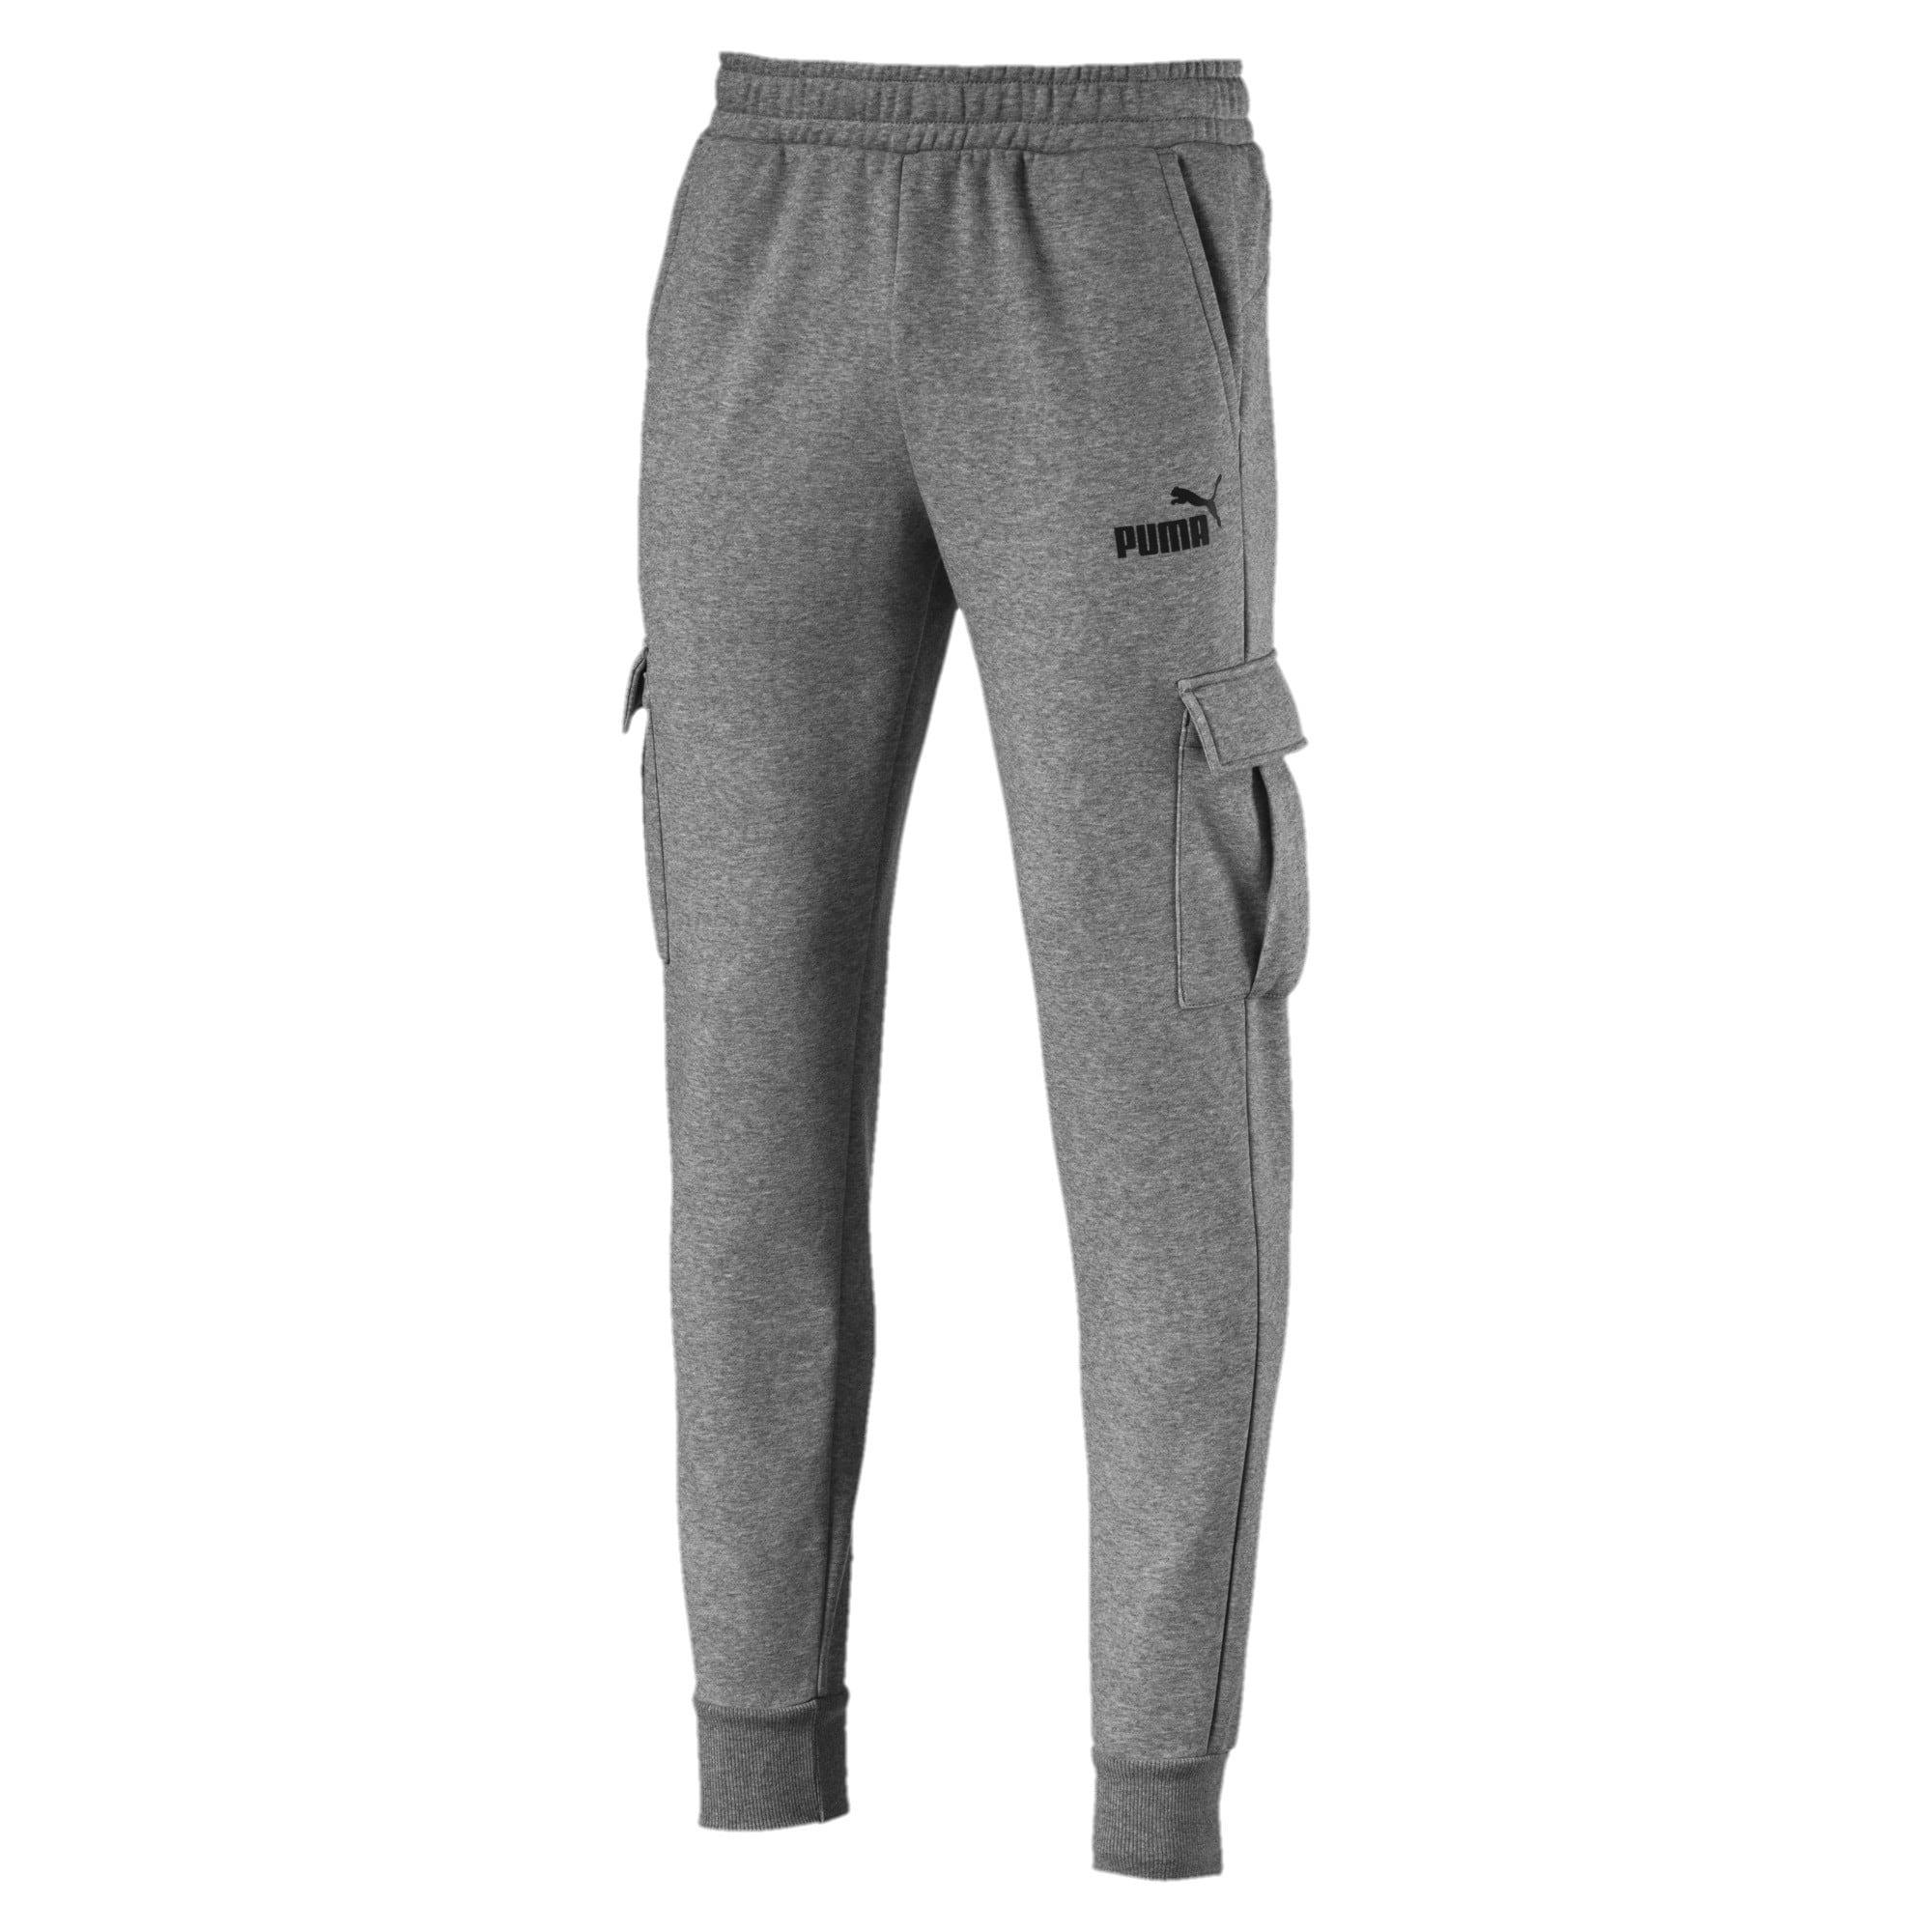 Miniatura 1 de Pantalones Essentials+ con bolsillos para hombre, Medium Gray Heather, mediano